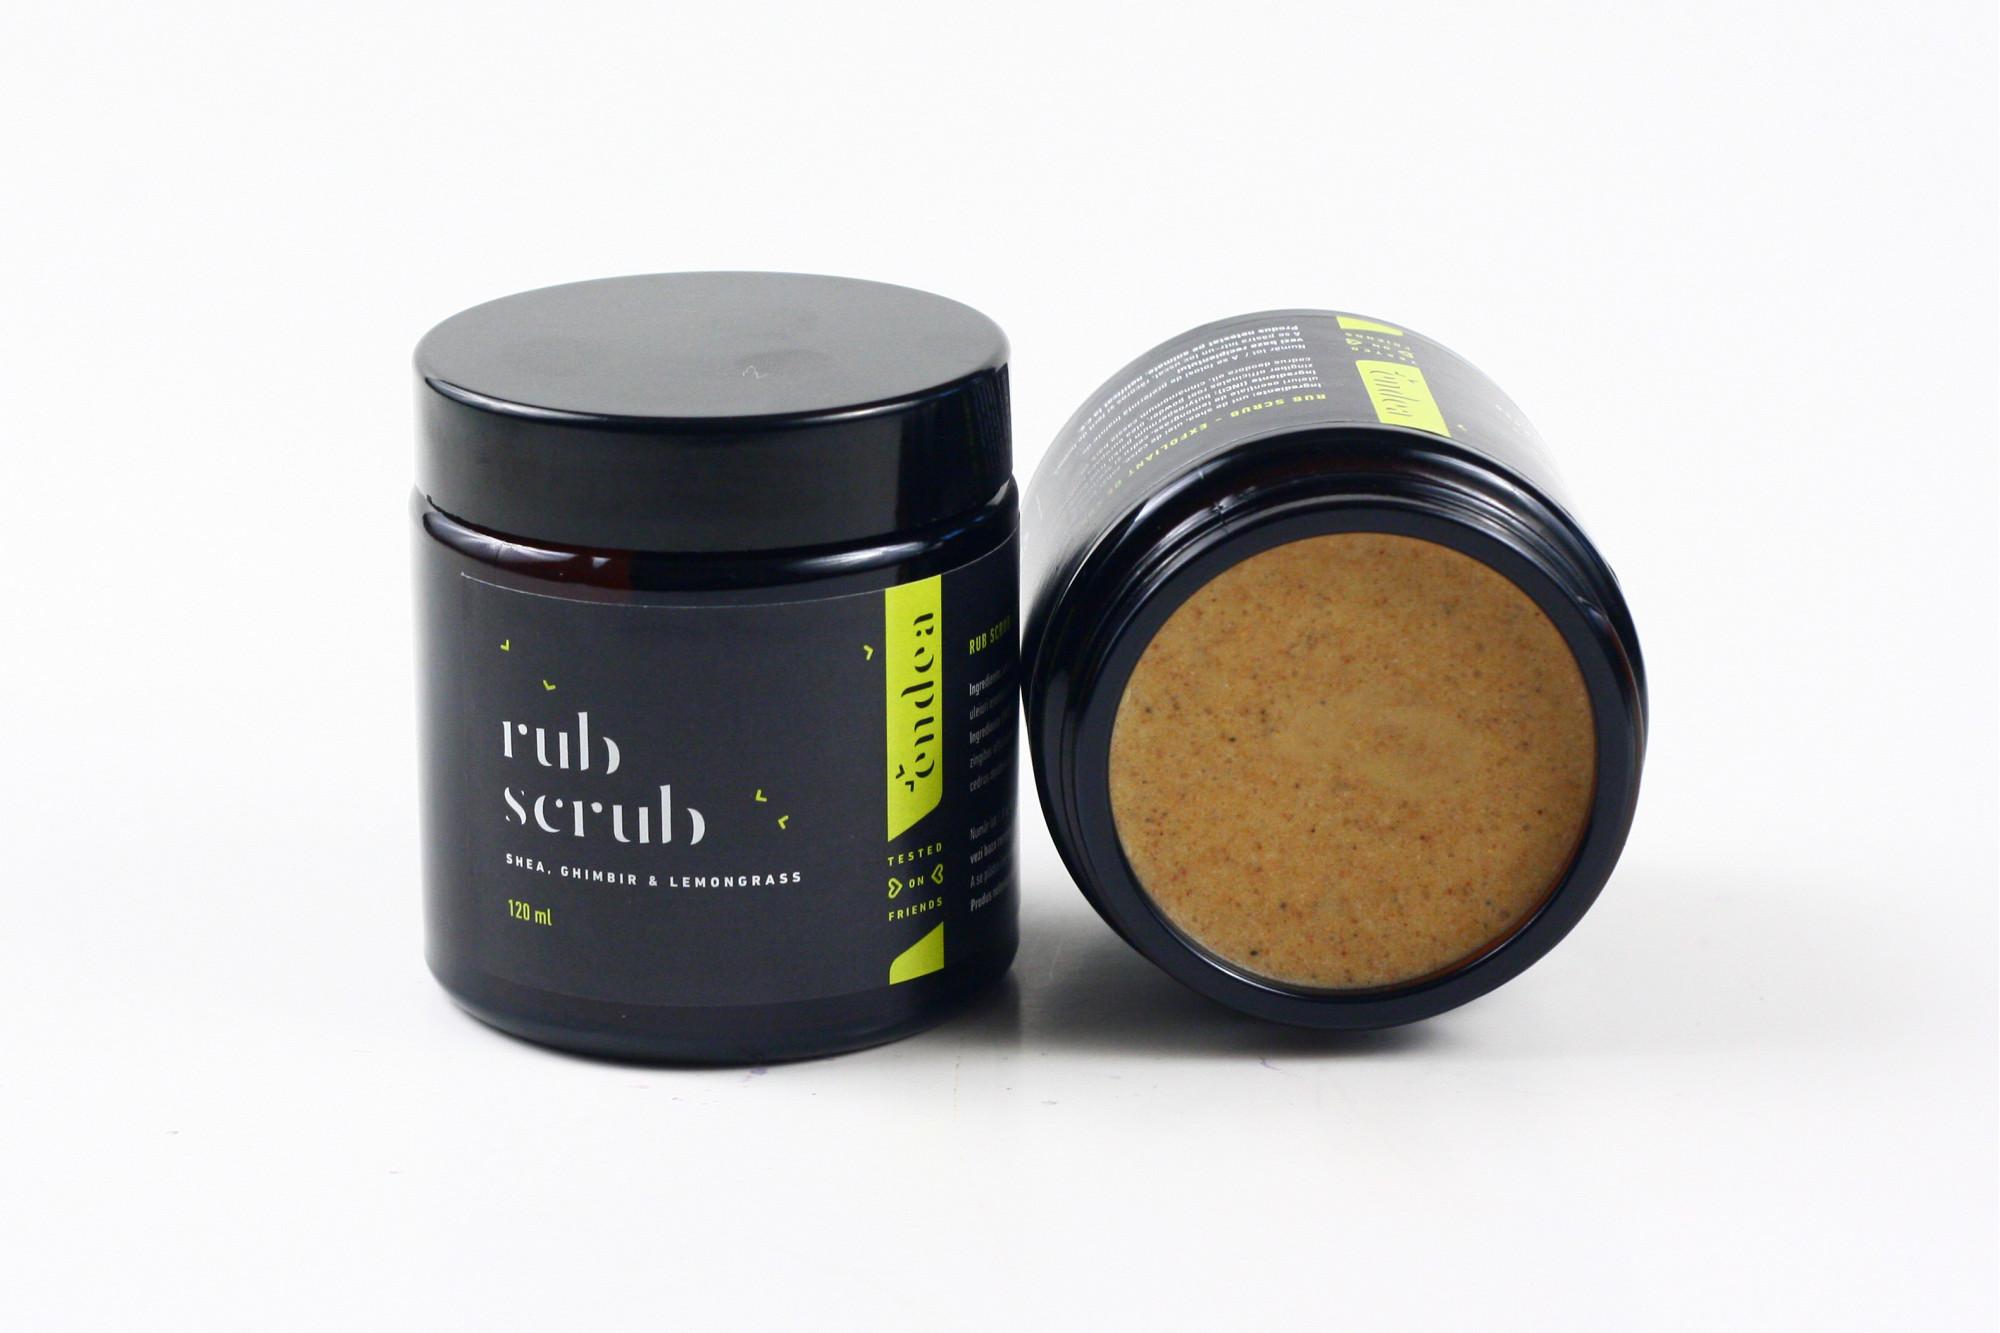 Exfoliant de corp cu ulei de caise și unt de shea - Rub Scrub | Endea - Tested on friends